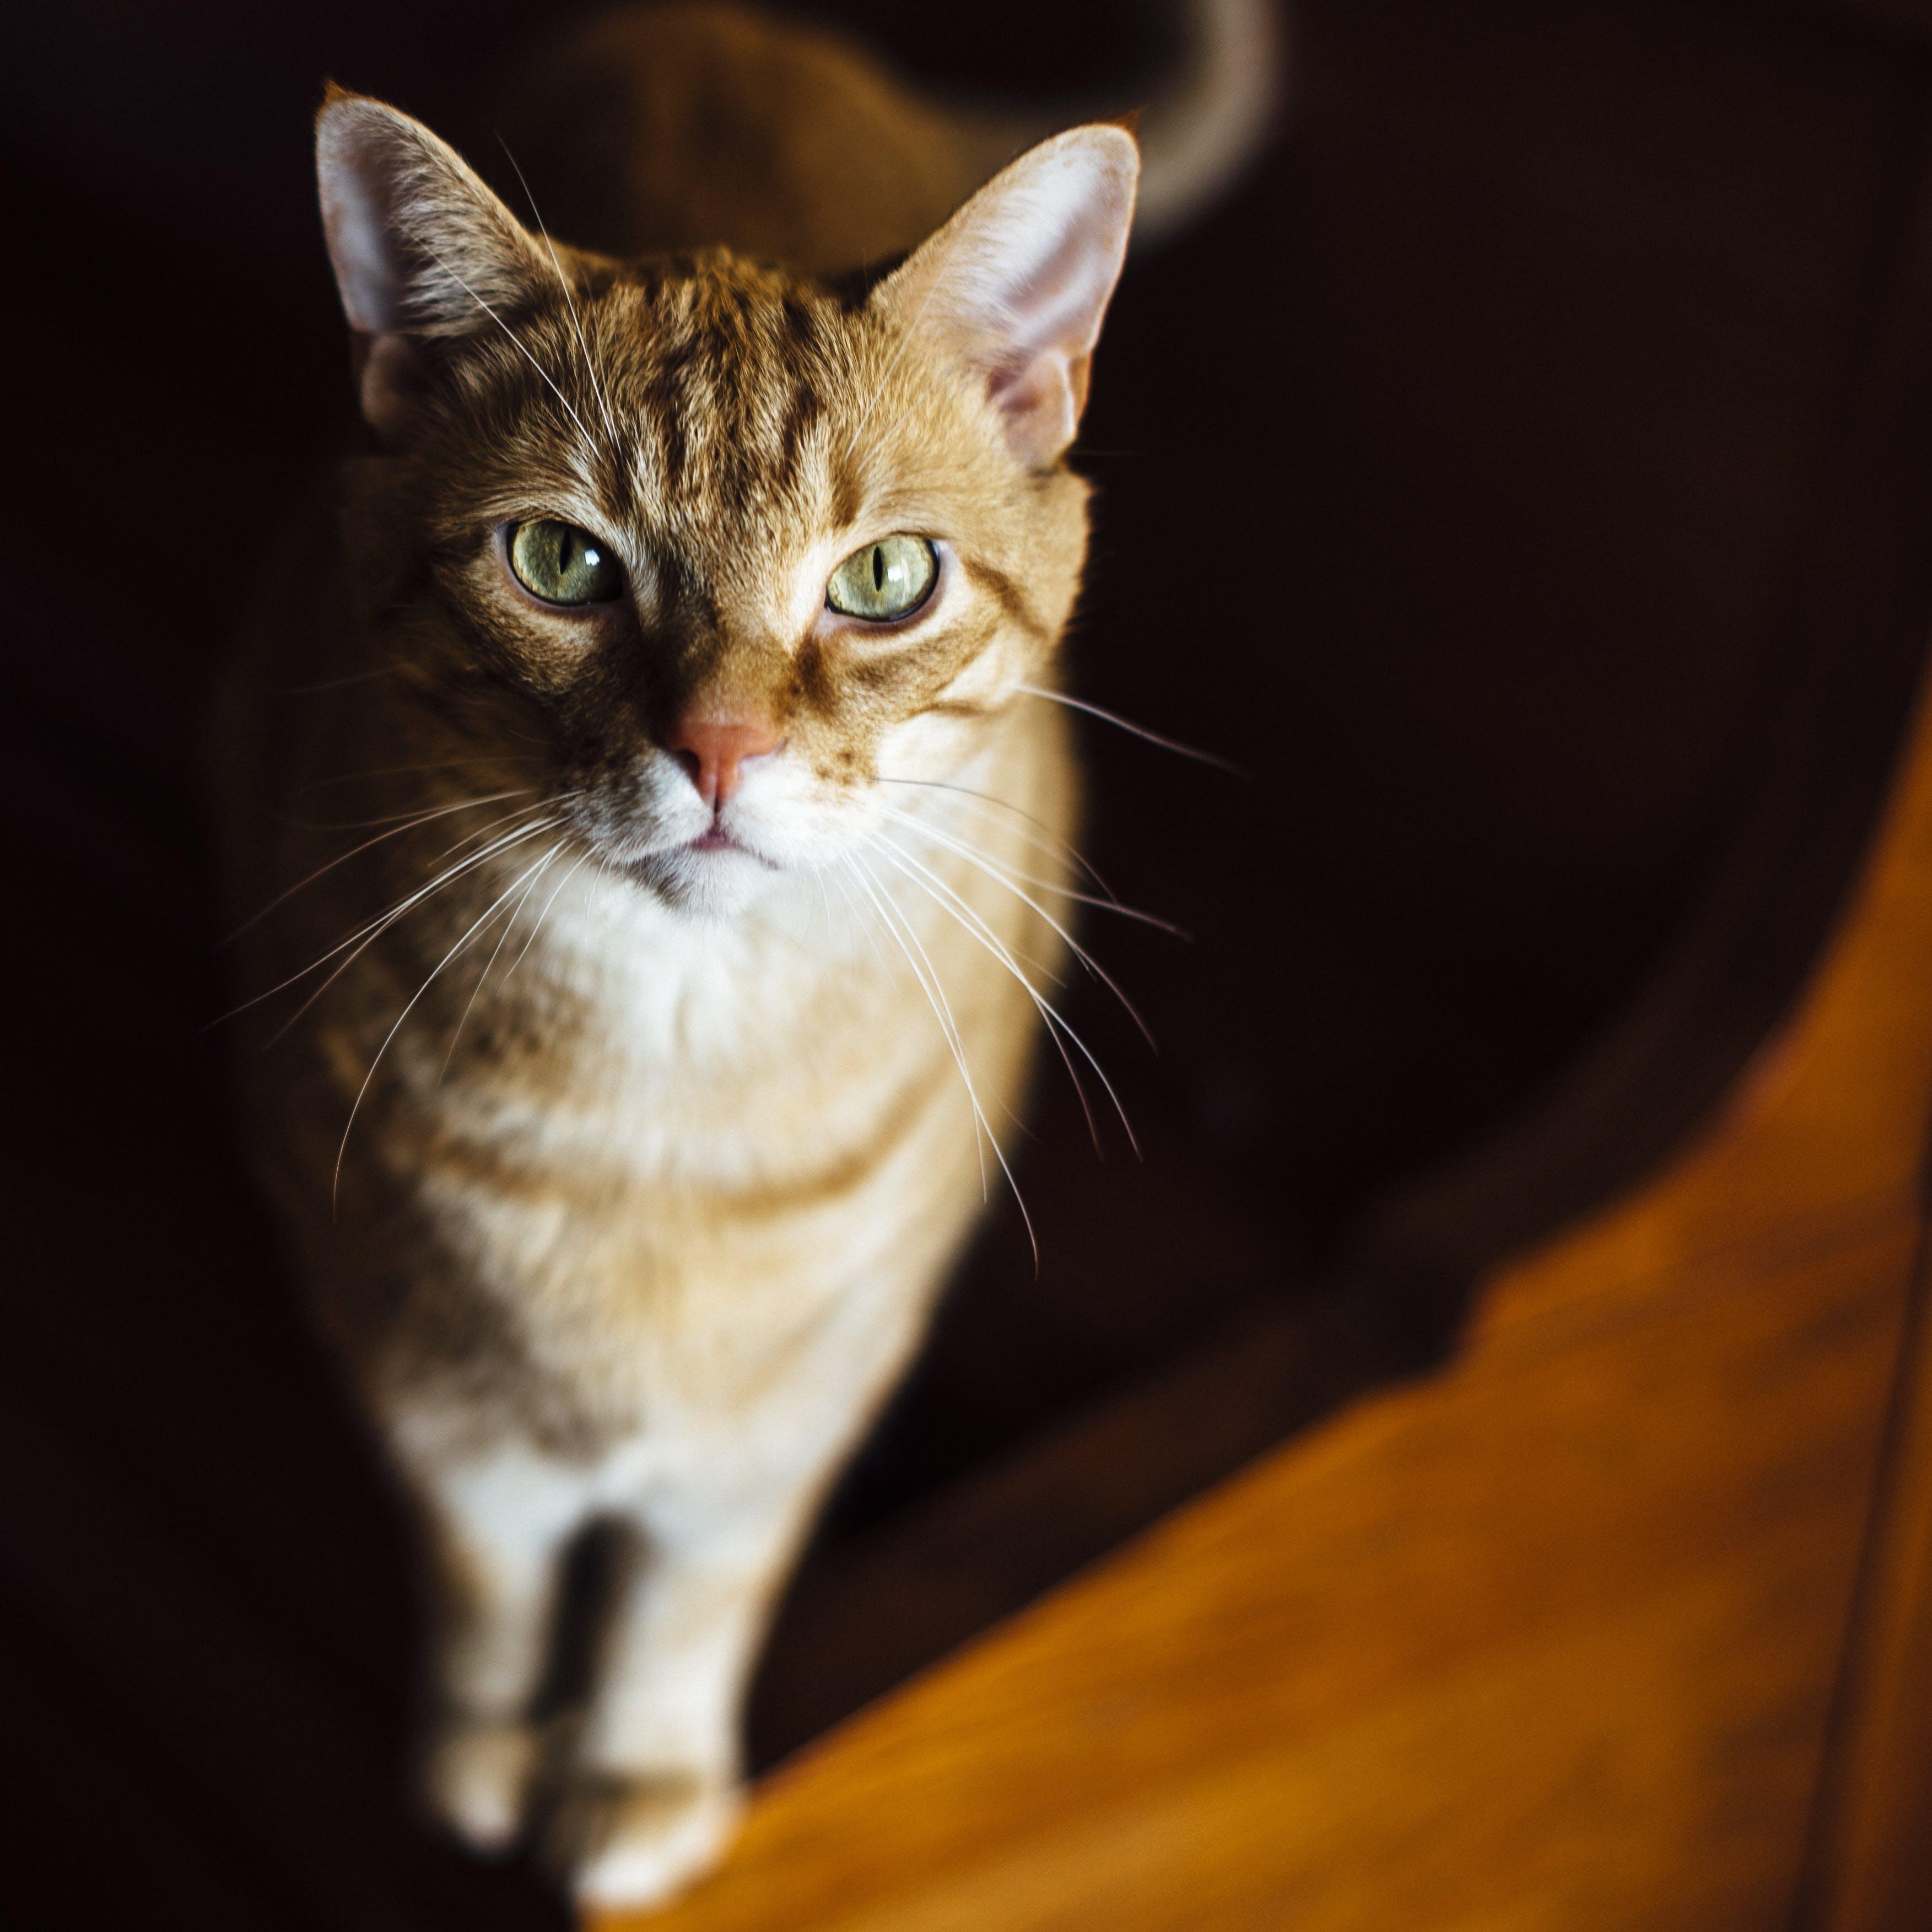 bulanık, bulanıklık, çok sevimli, Evcil Hayvan içeren Ücretsiz stok fotoğraf